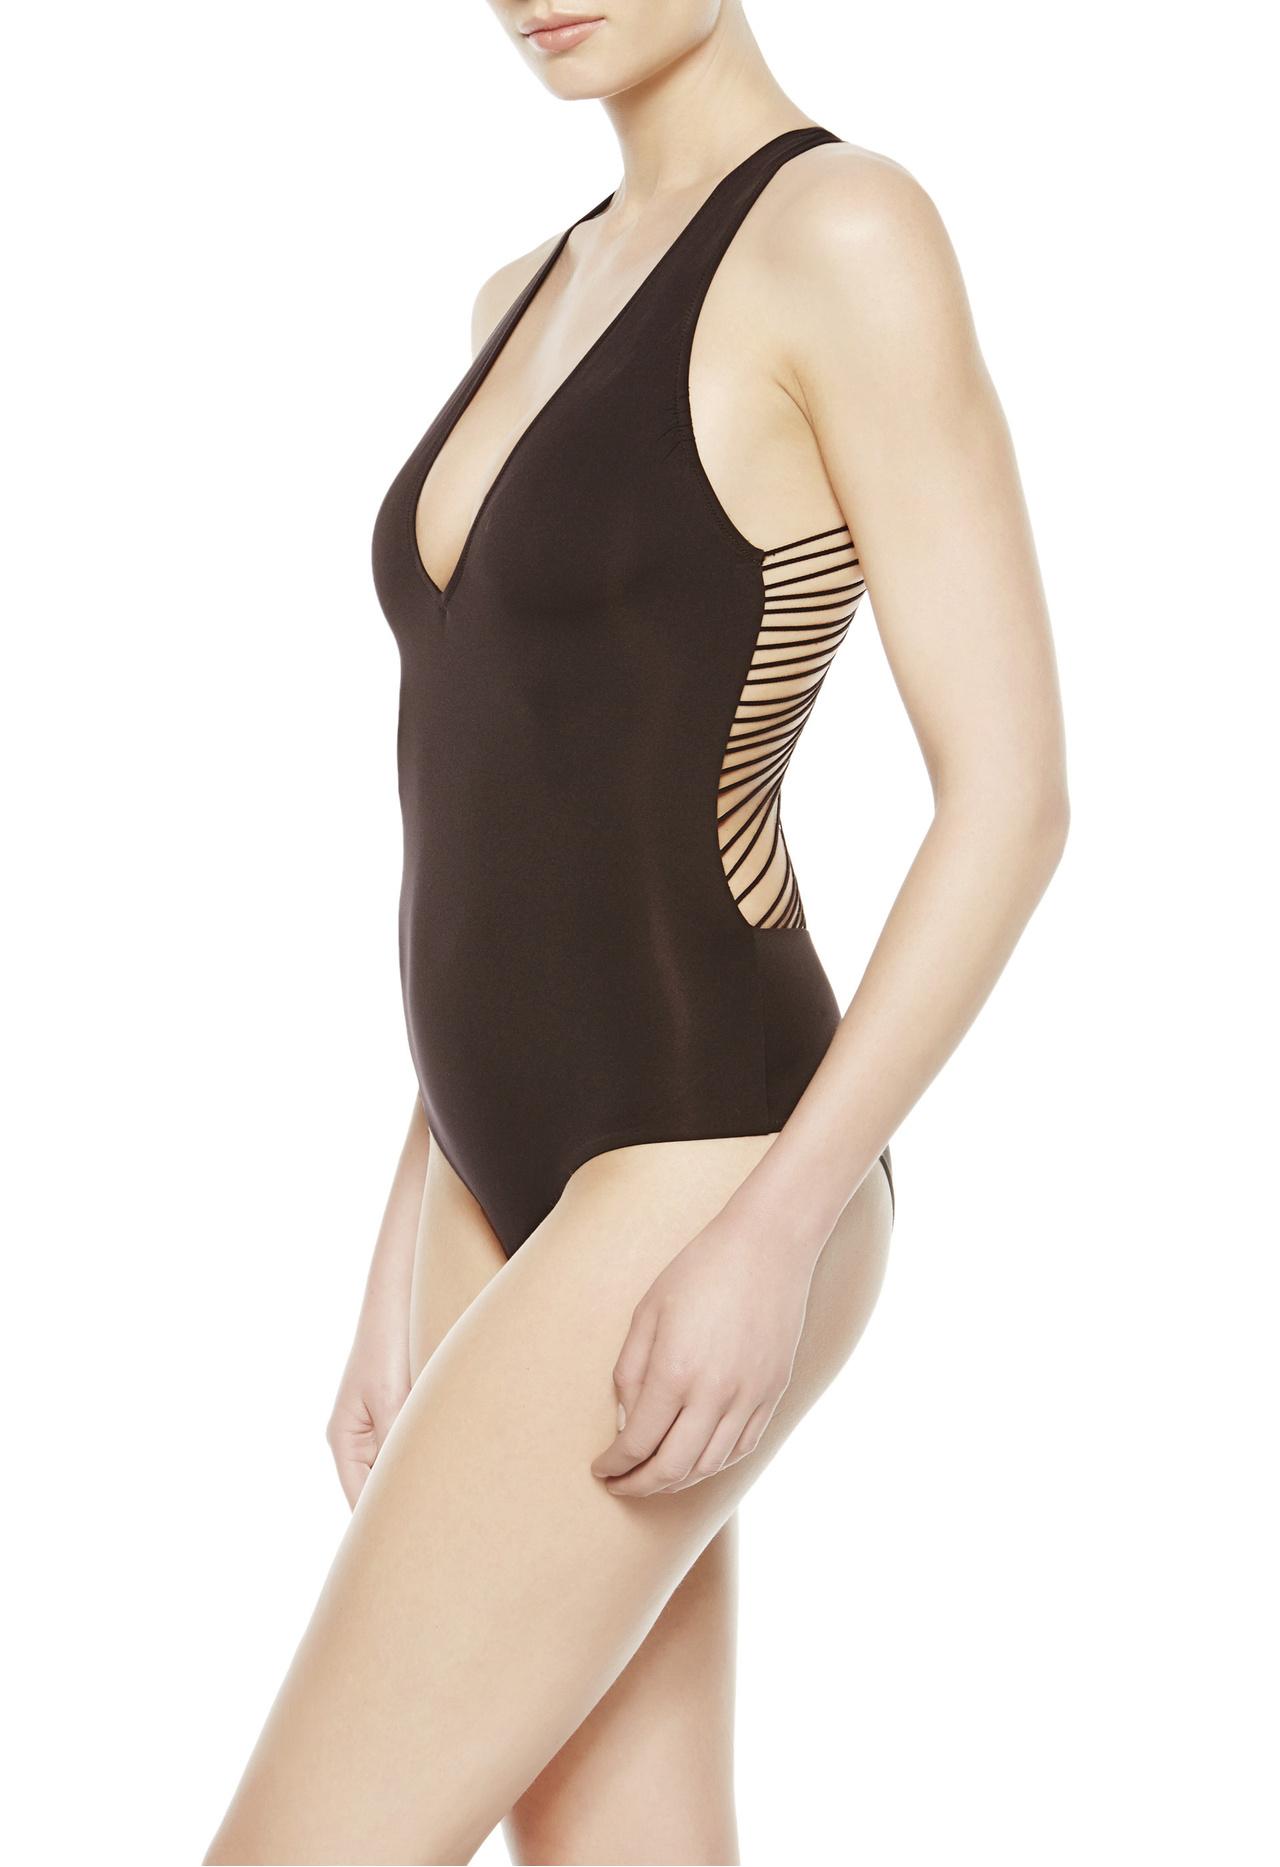 La Perla 2014 Fall Winter Lingerie Campaign Photos: La Perla Non-wired Swimsuit In Black